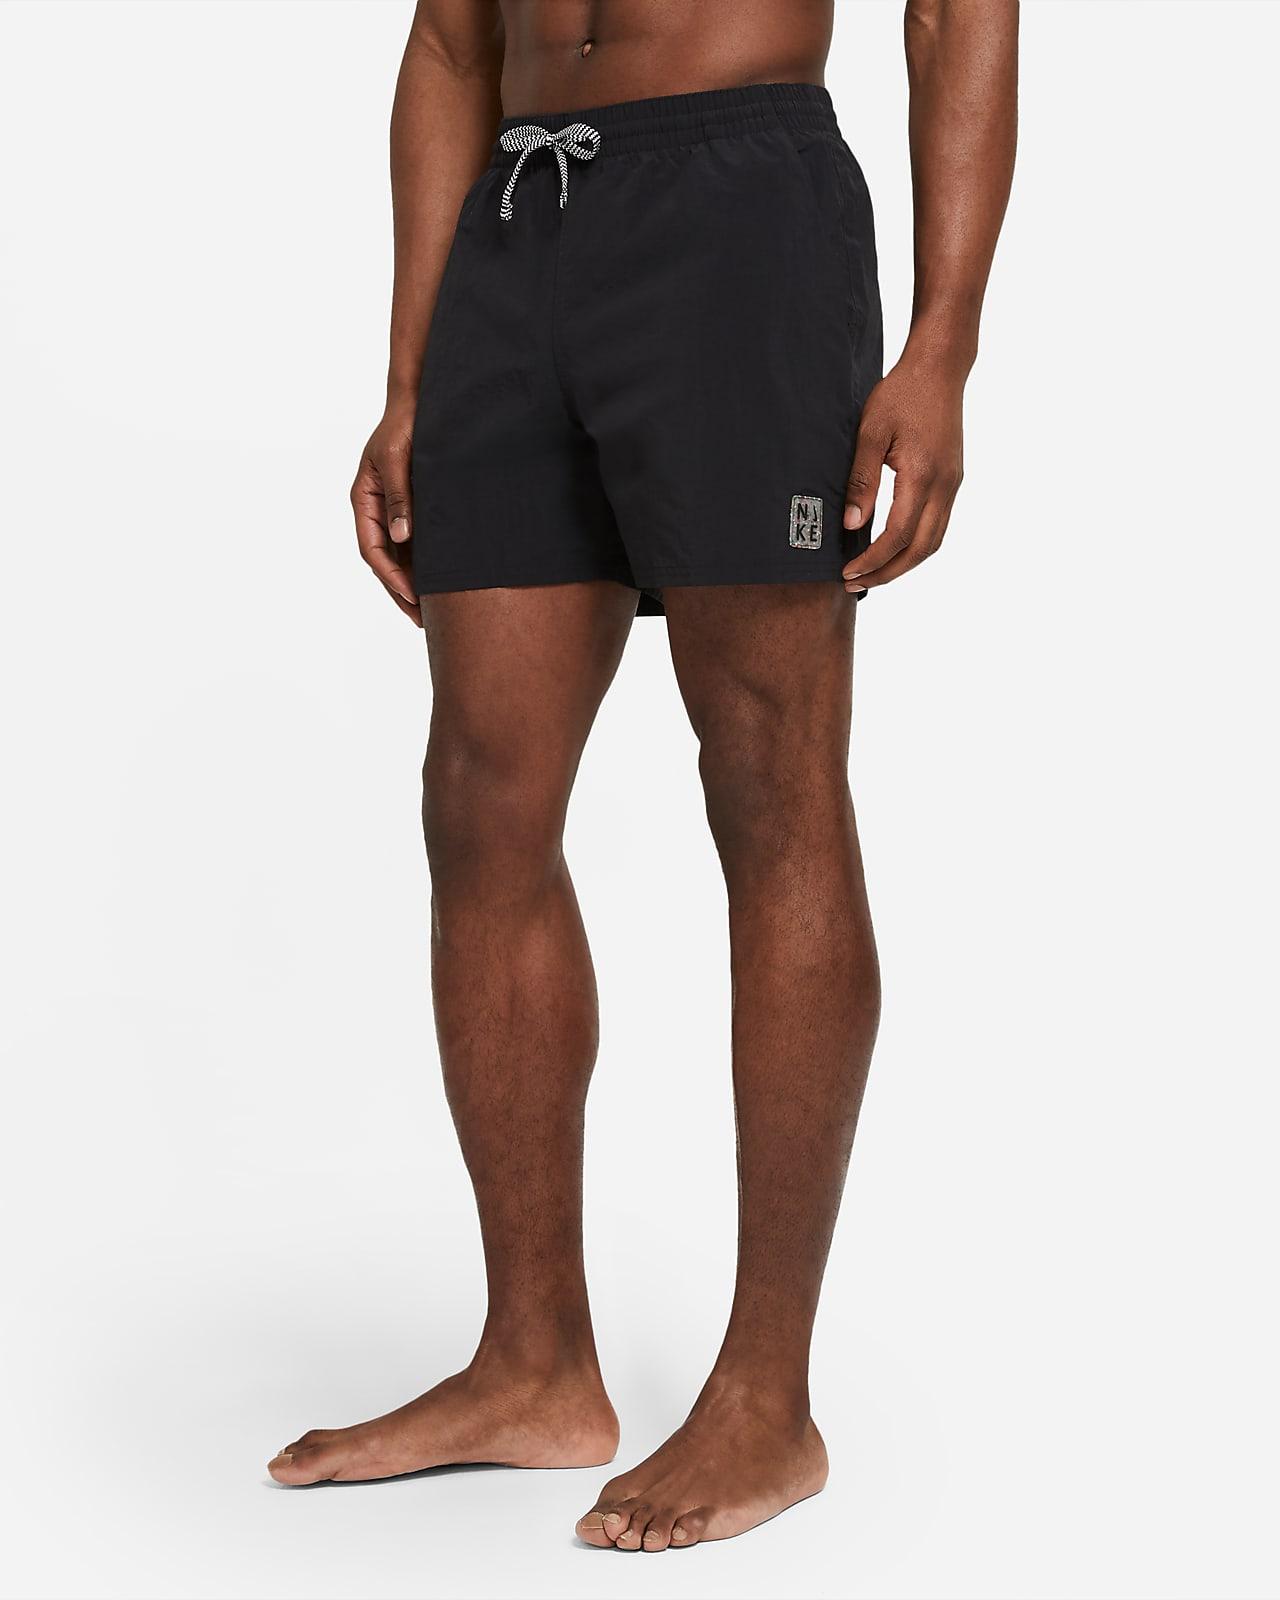 Ανδρικό μαγιό Nike Solid Icon 13 cm